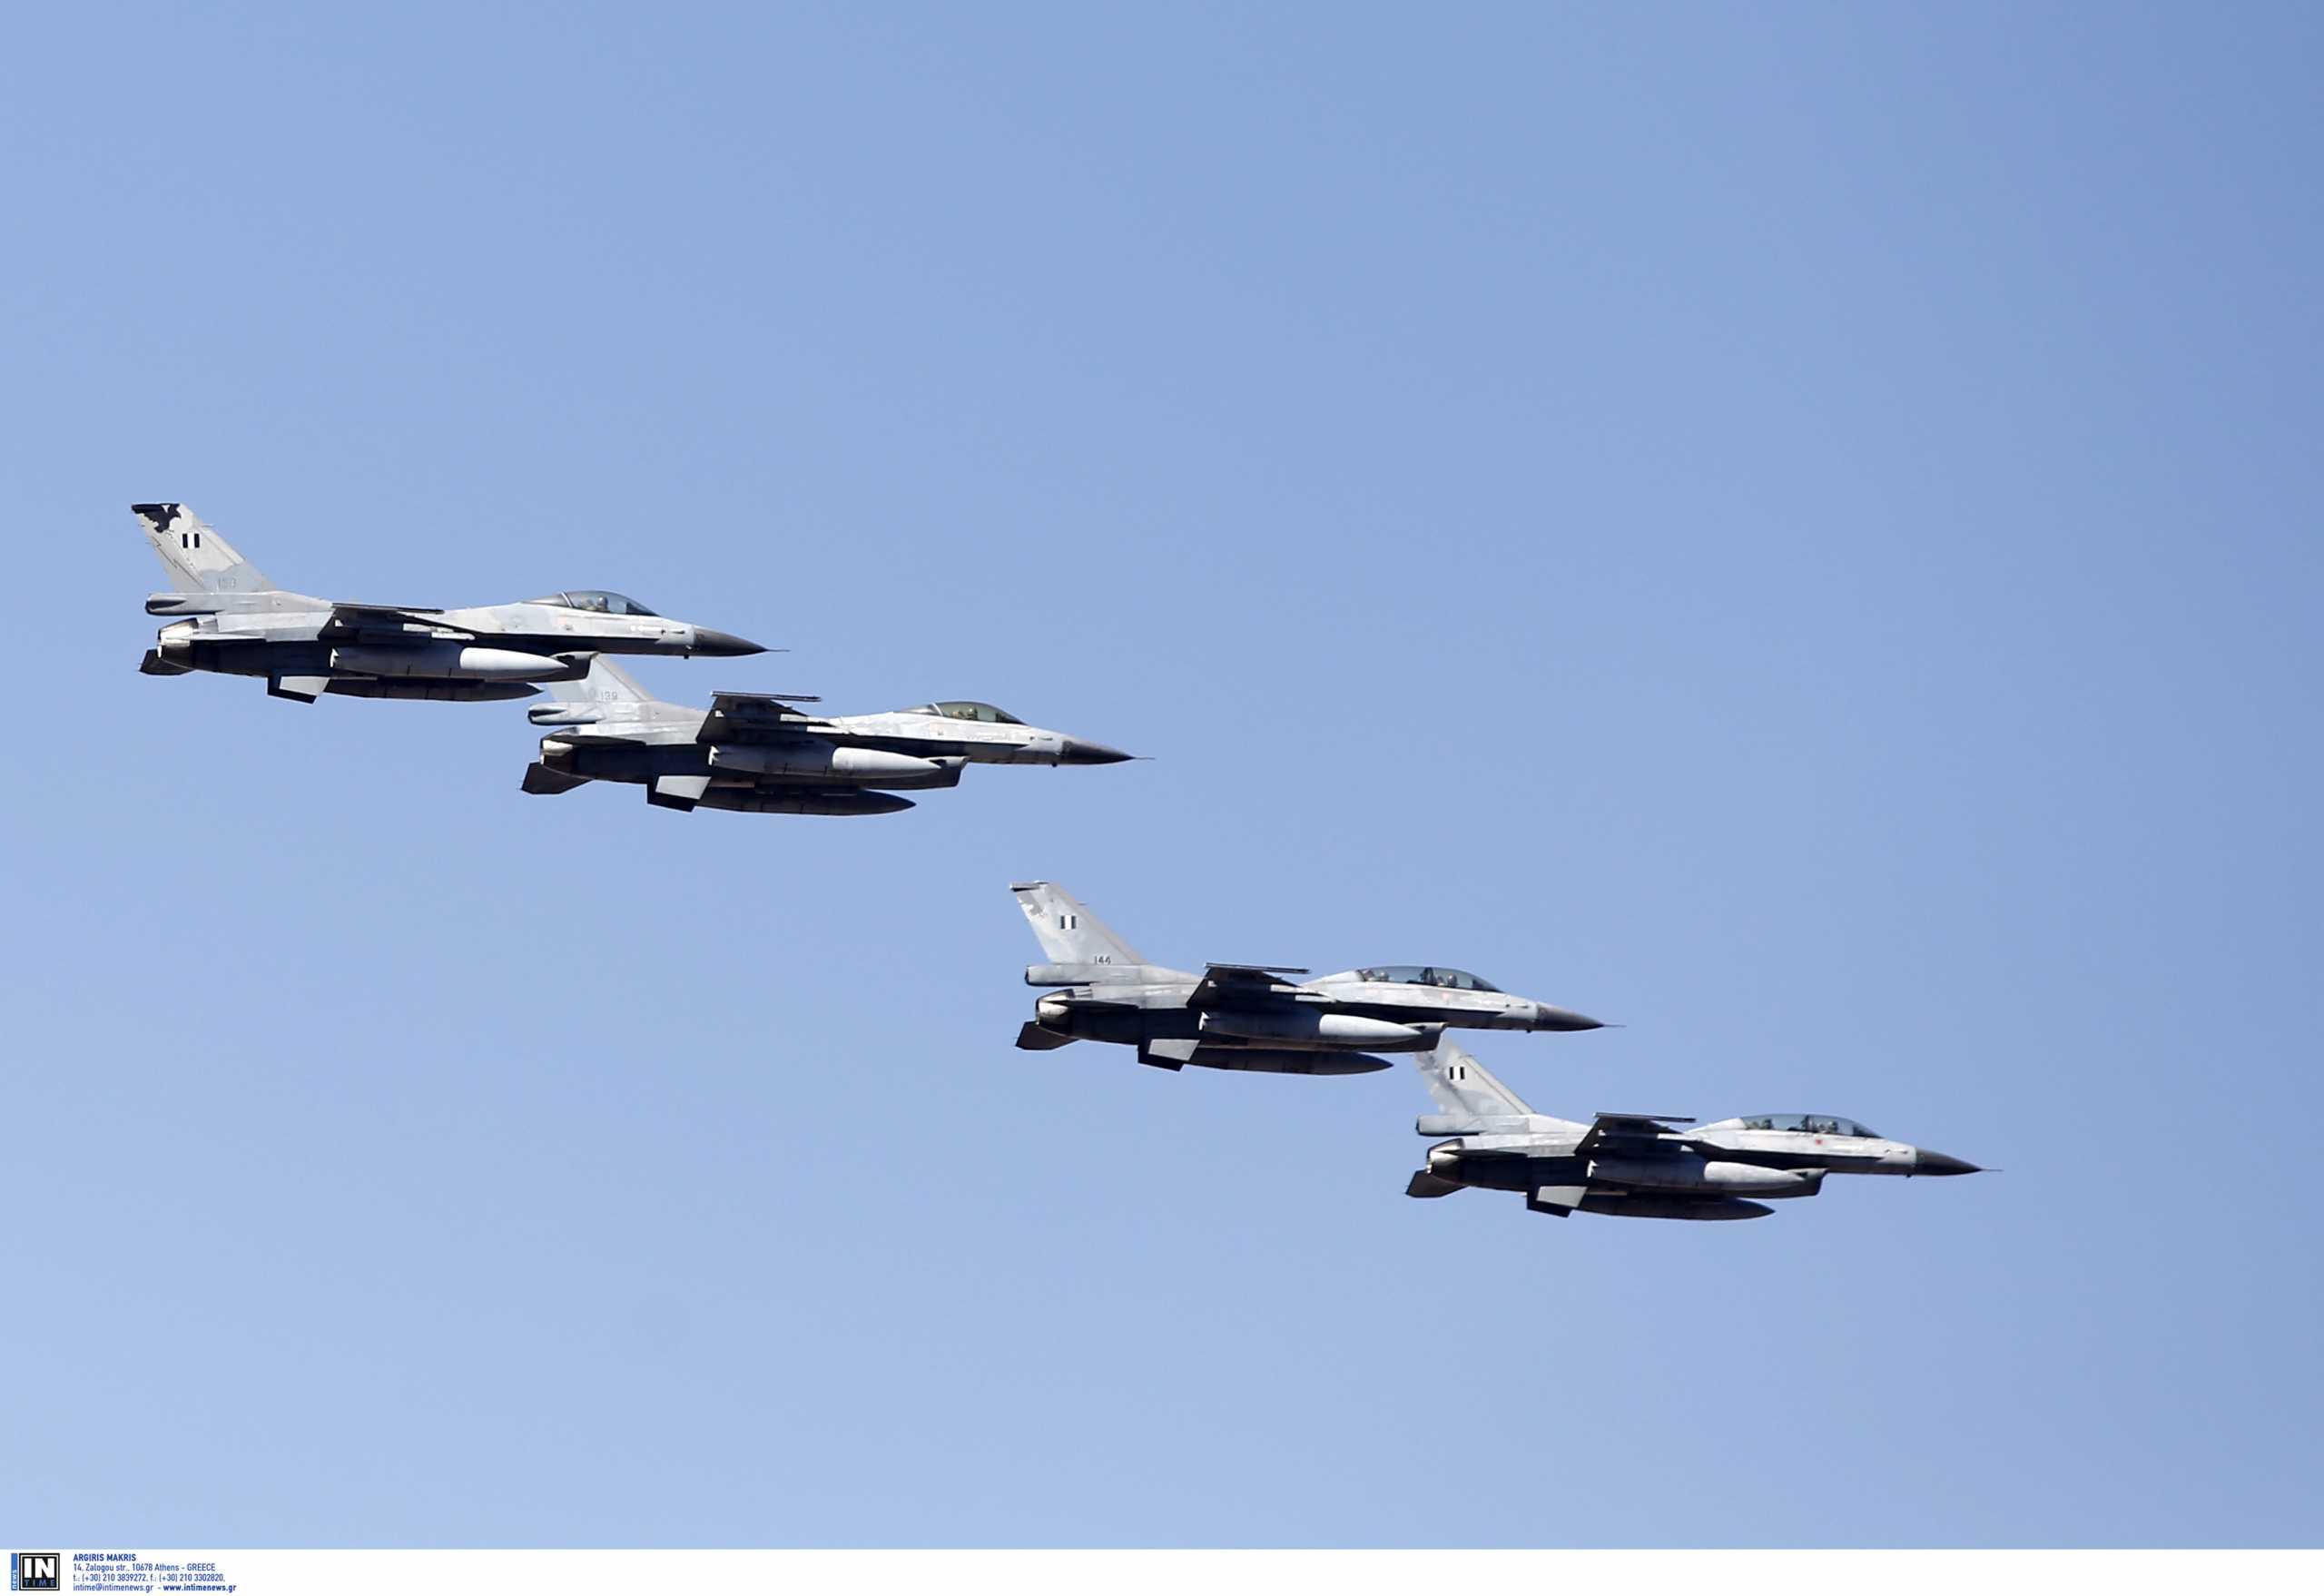 Παρέλαση 25ης Μαρτίου: Η στιγμή που μαχητικά F 16 σκίζουν τον ουρανό της Θεσσαλονίκης (pics, video)